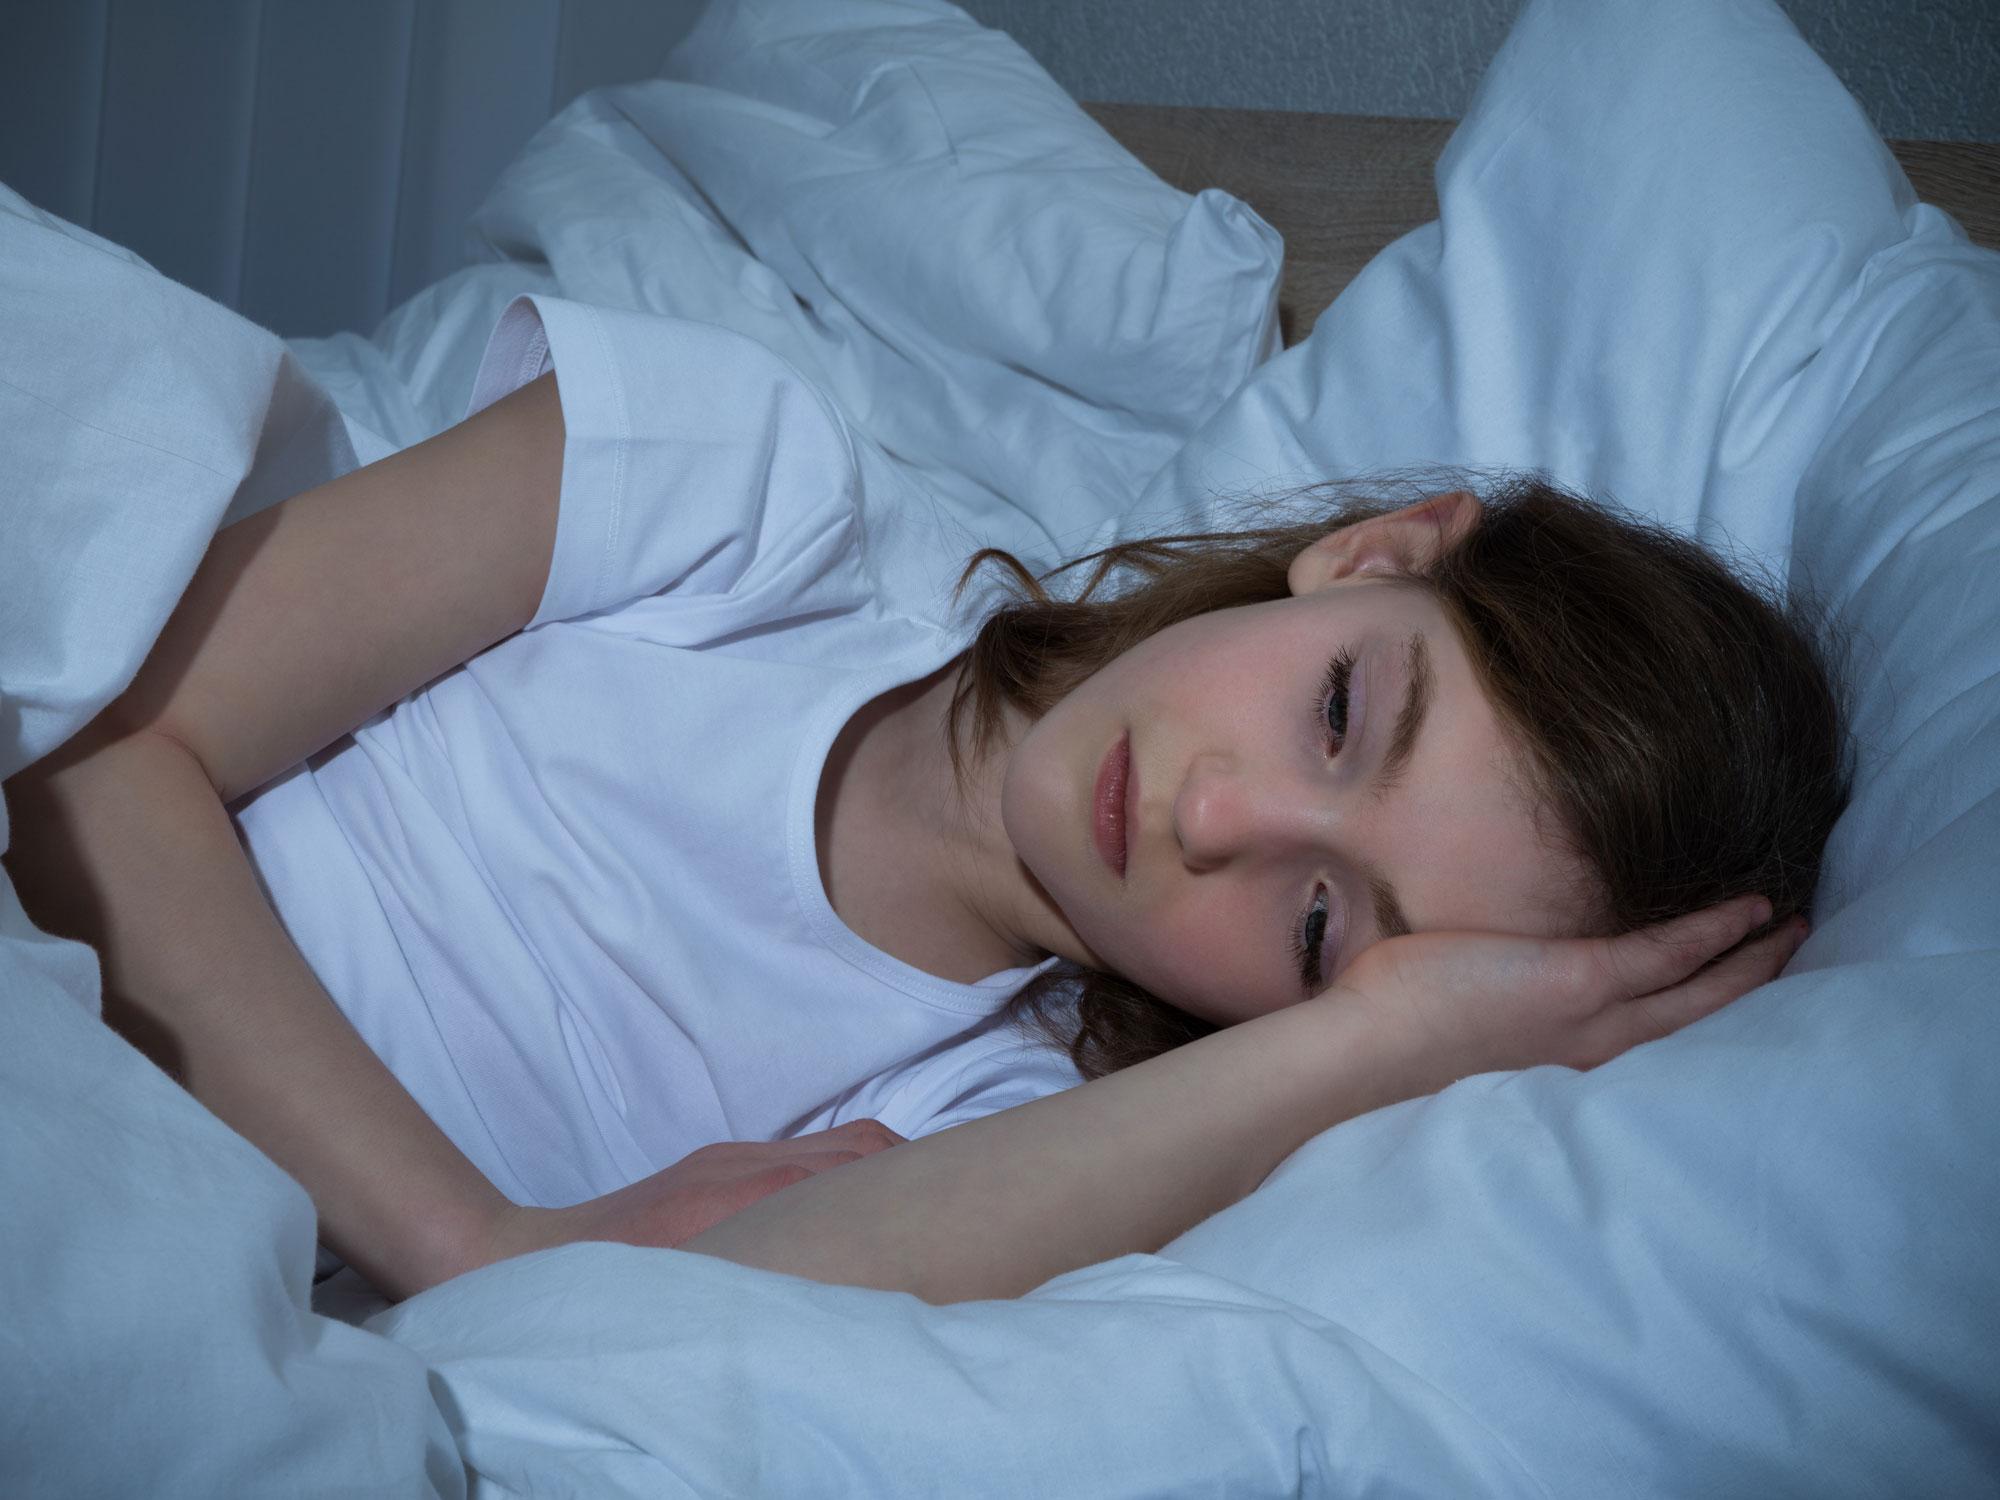 Schlafstörungen beeinträchtigen das Wohlbefinden vieler Kinder